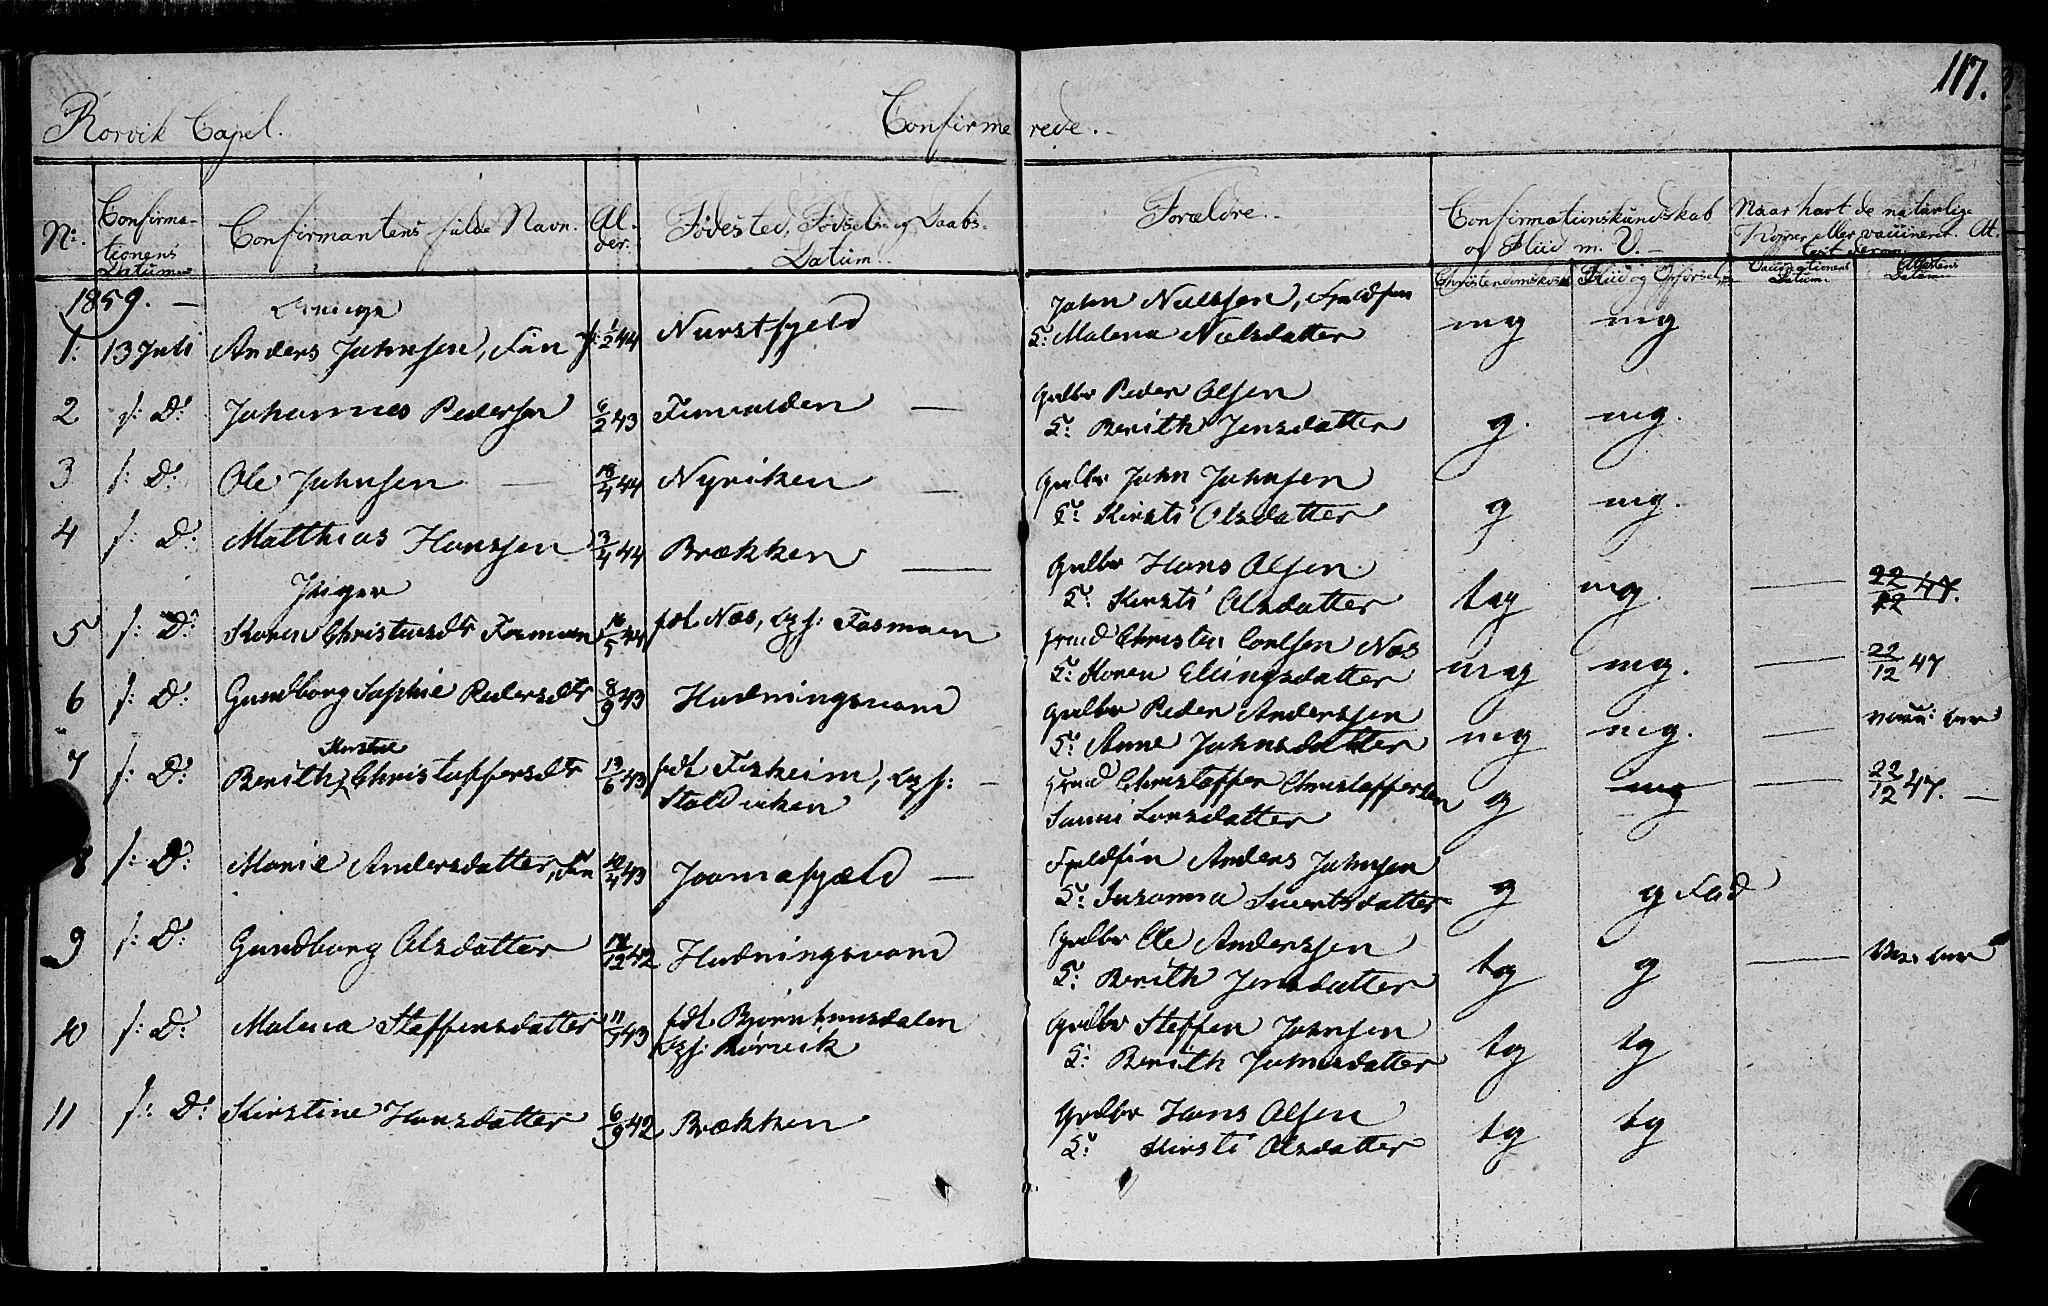 SAT, Ministerialprotokoller, klokkerbøker og fødselsregistre - Nord-Trøndelag, 762/L0538: Ministerialbok nr. 762A02 /1, 1833-1879, s. 117